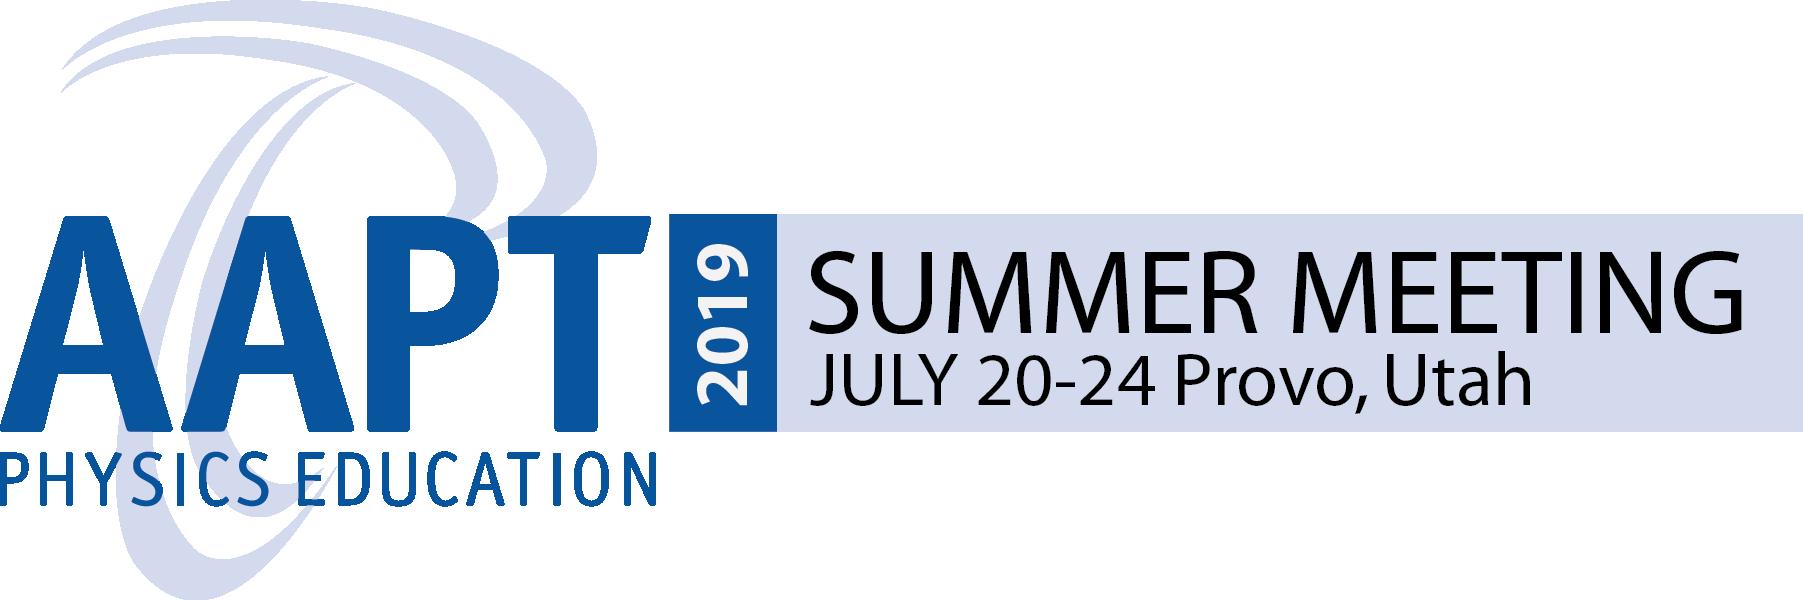 2019 Summer Meeting -2019 Summer Meeting Home